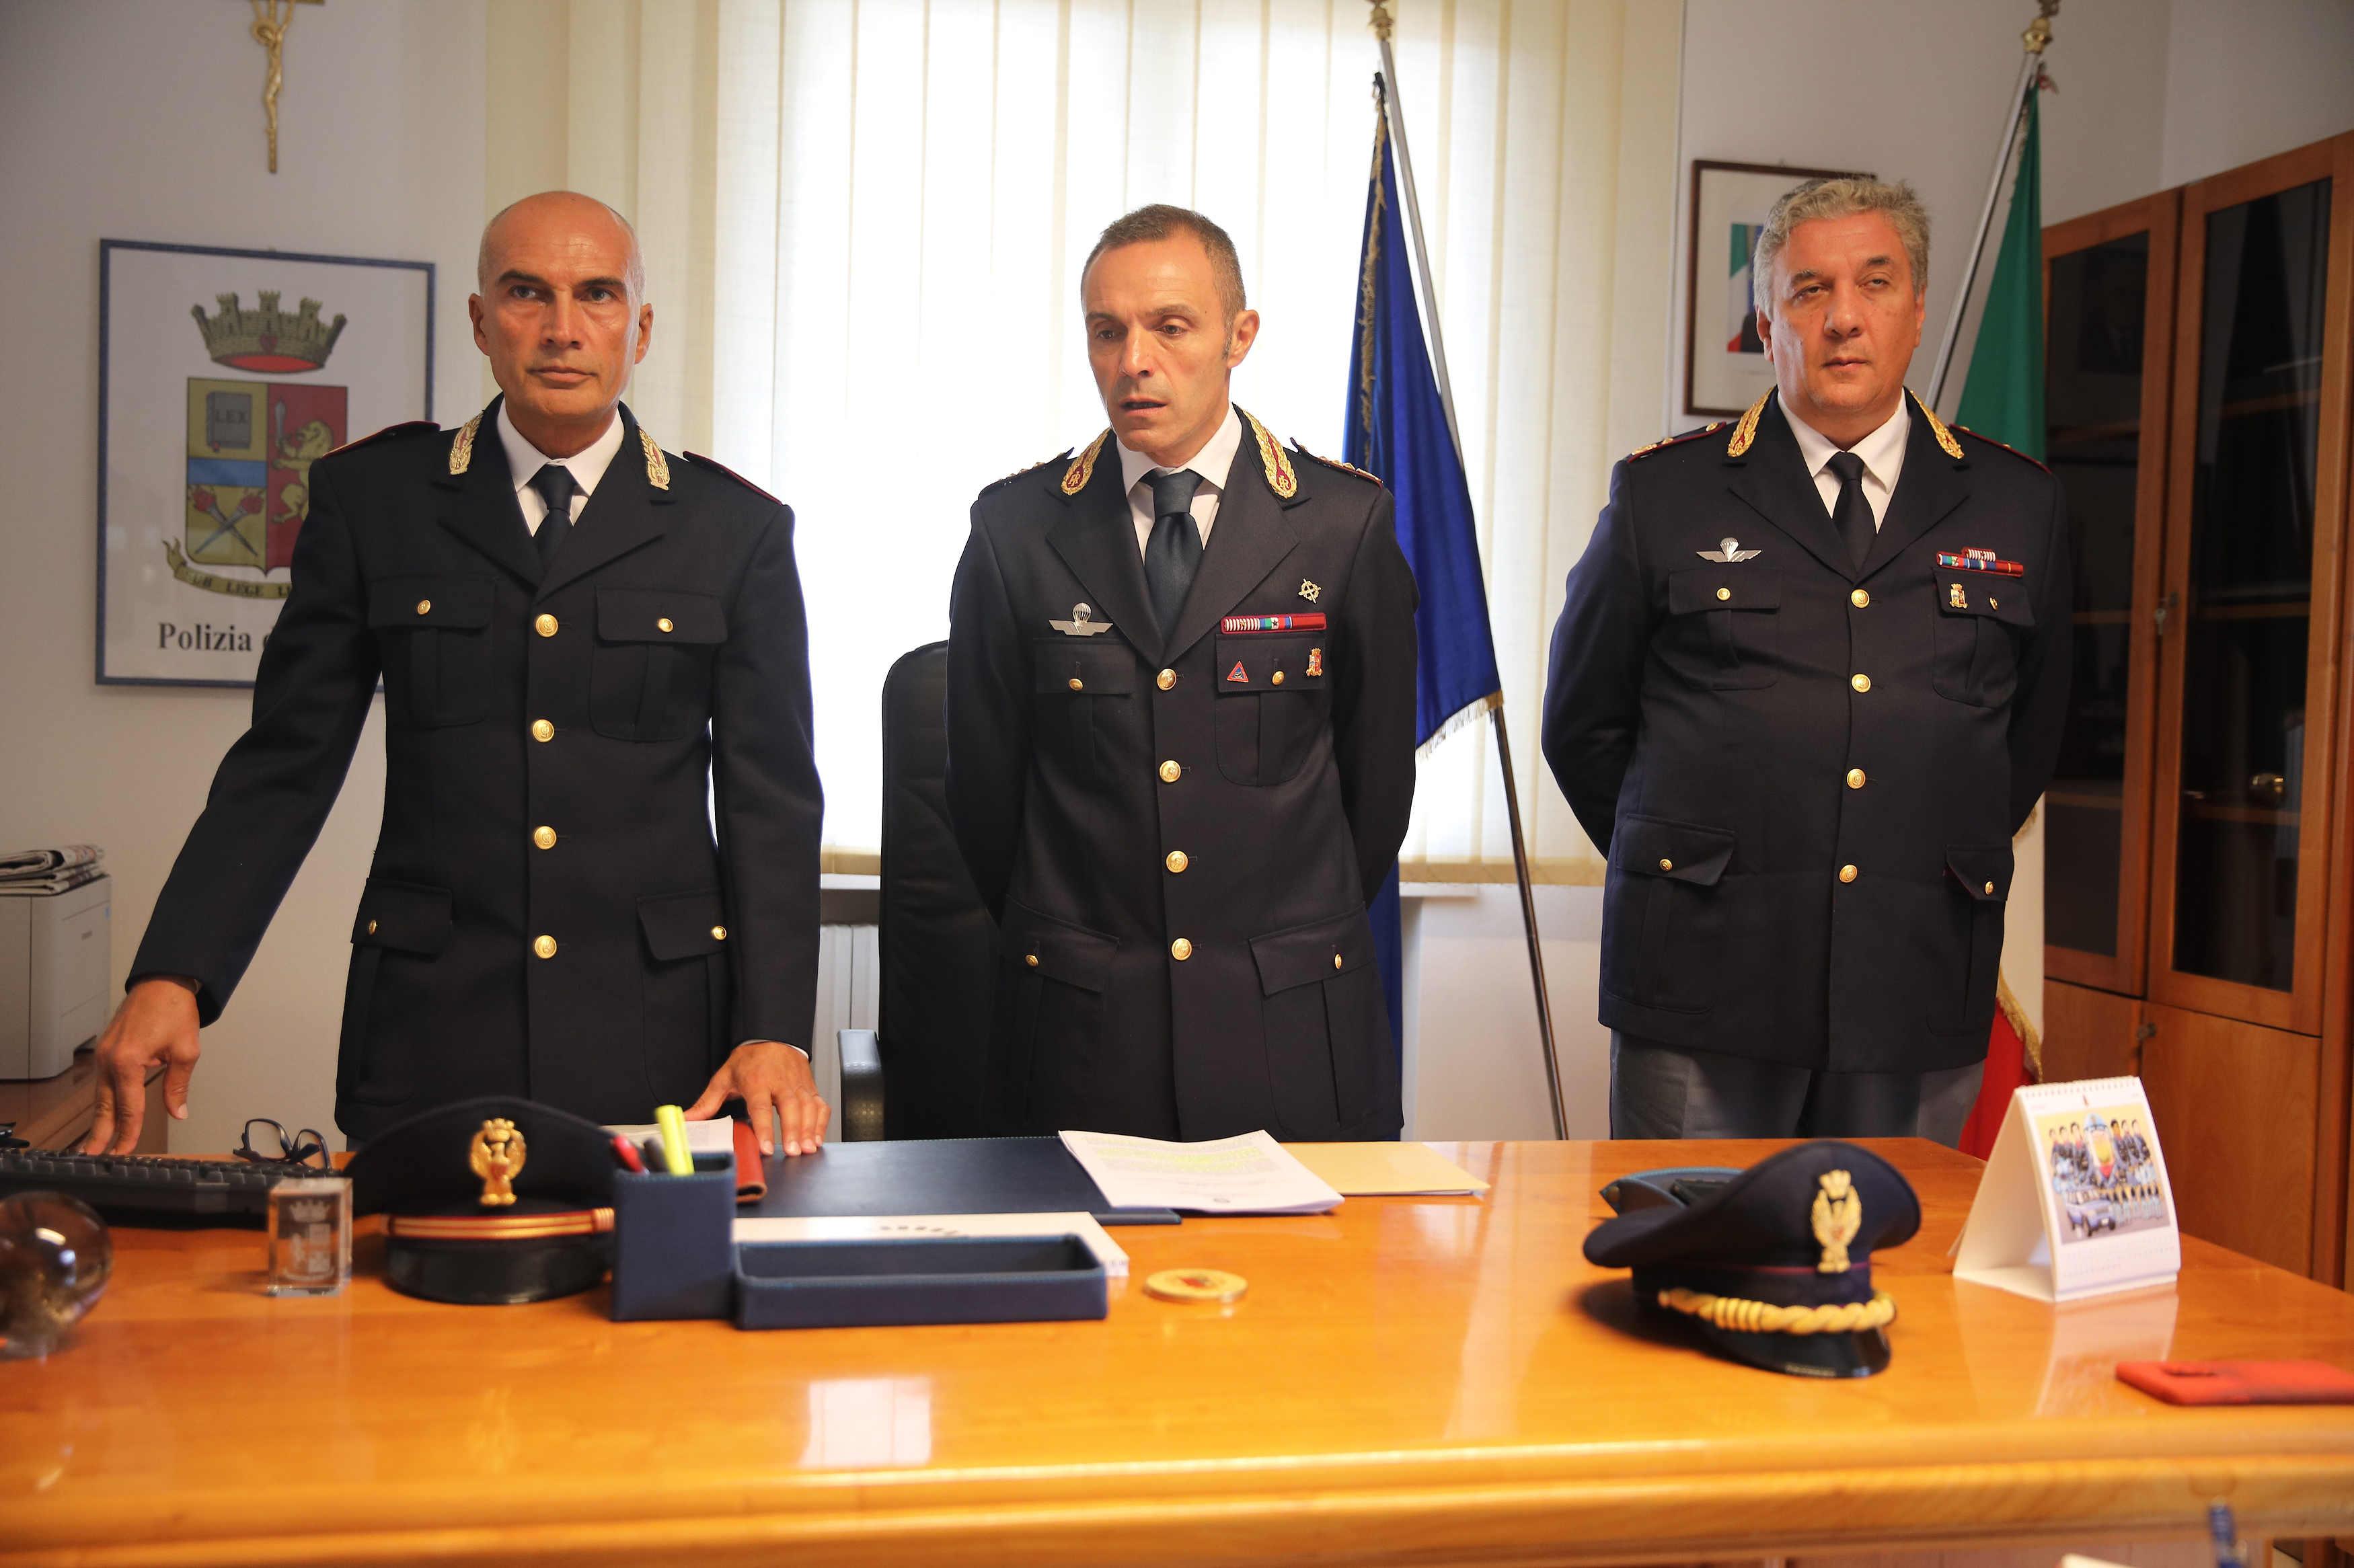 Droga: 8 arresti della polizia a Cesena - VIDEO